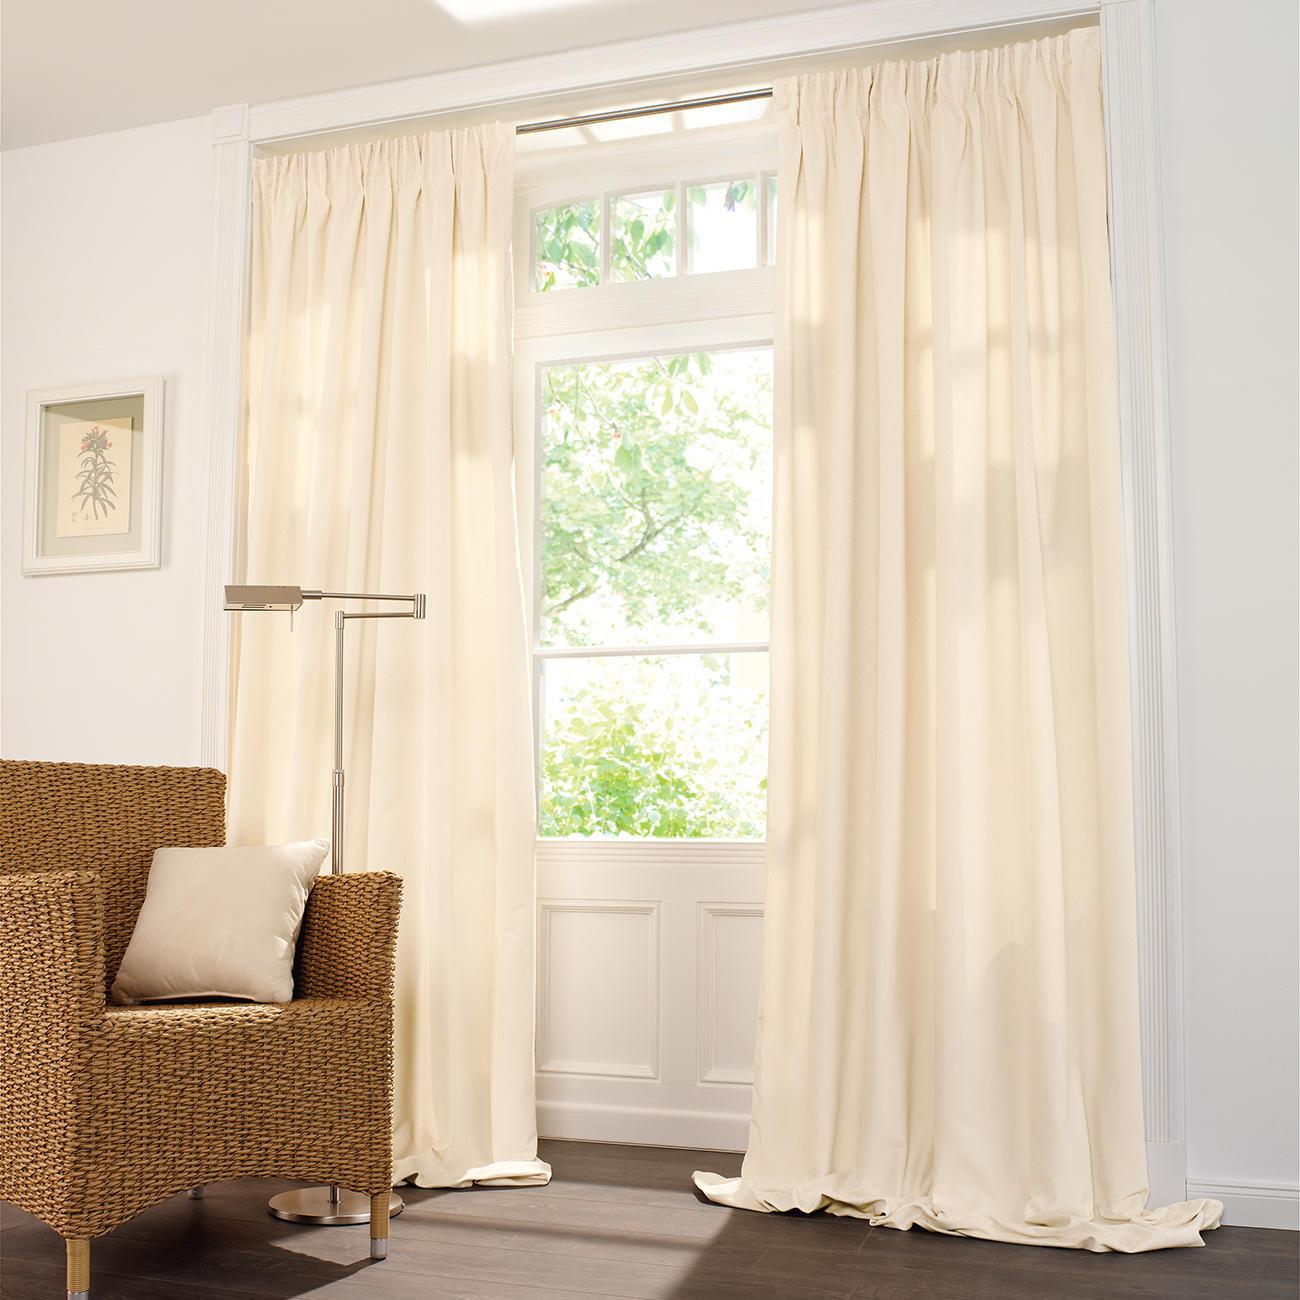 tisch 100 cm x 260 cm preisvergleich die besten angebote online kaufen. Black Bedroom Furniture Sets. Home Design Ideas